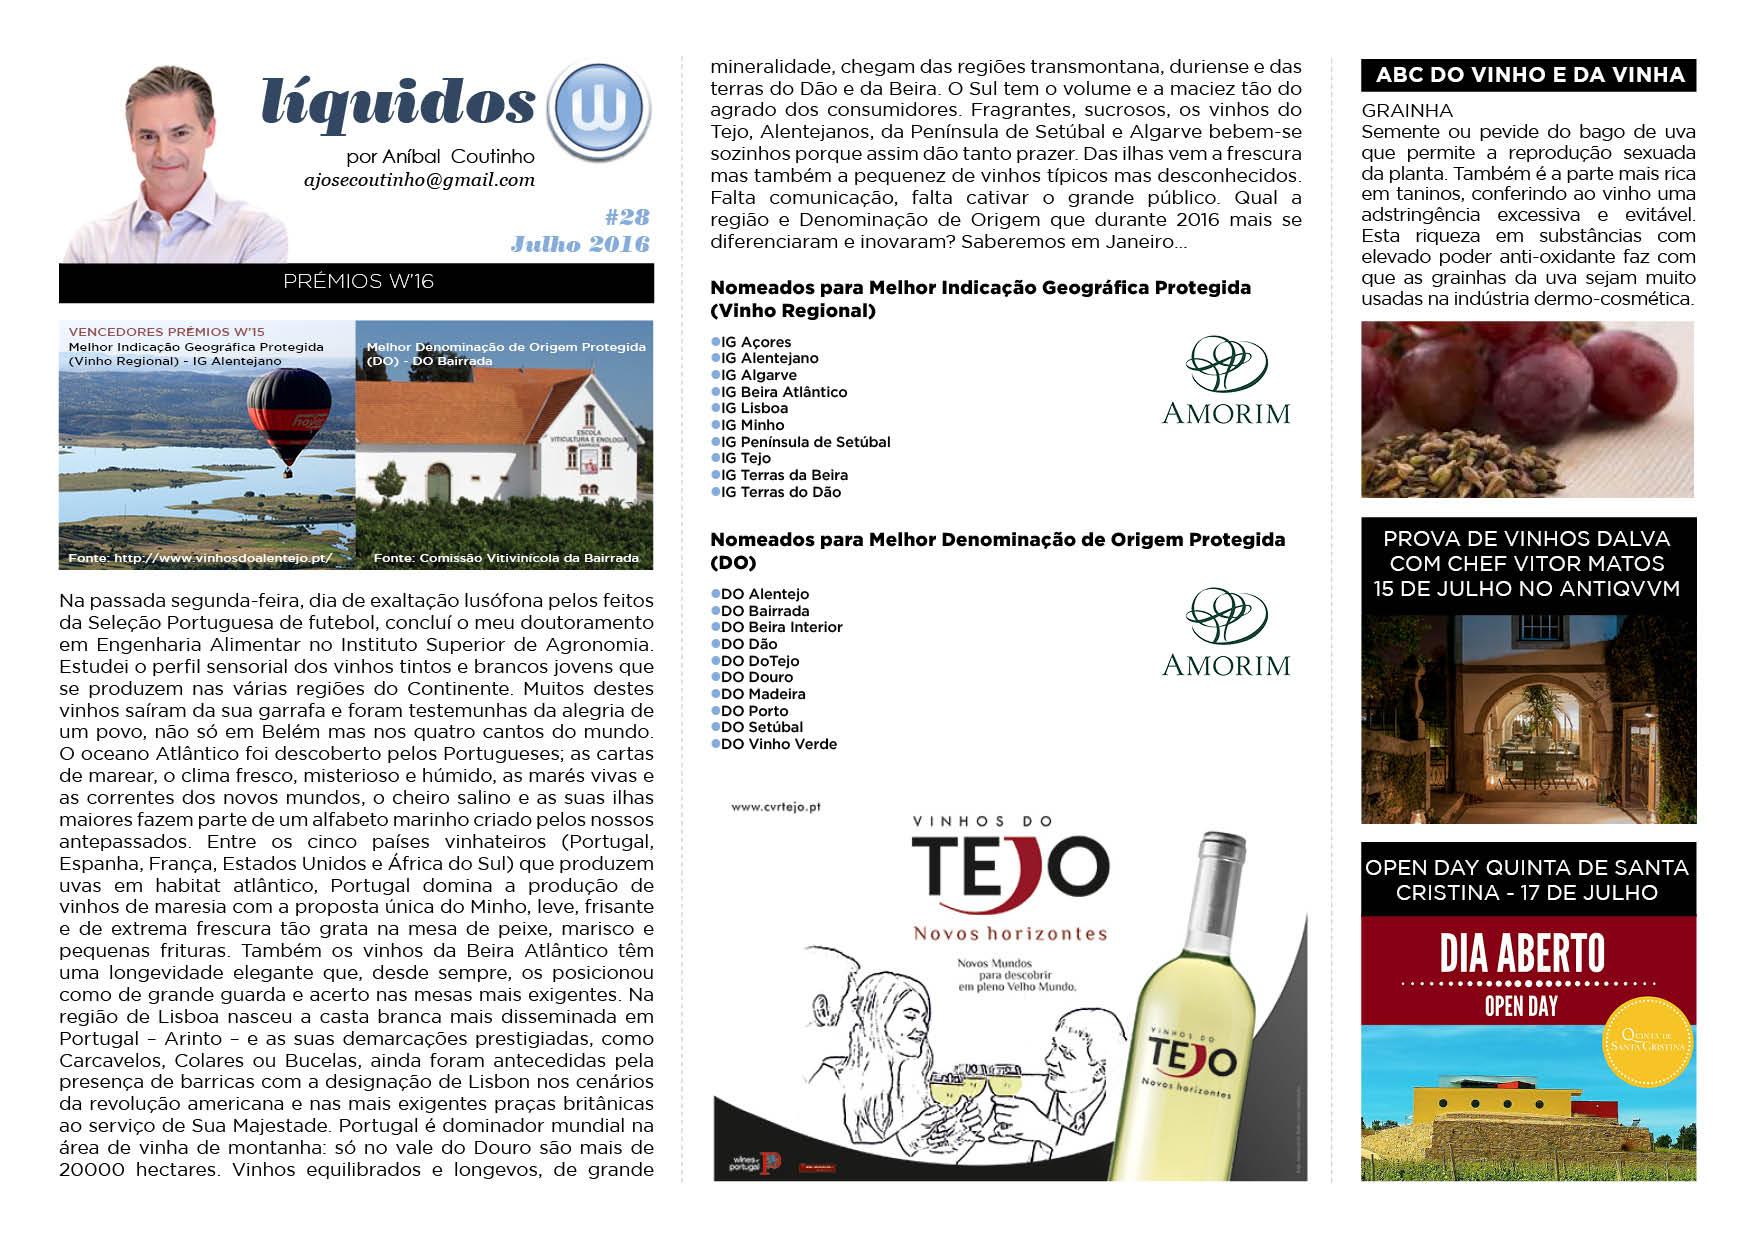 Newsletter #28